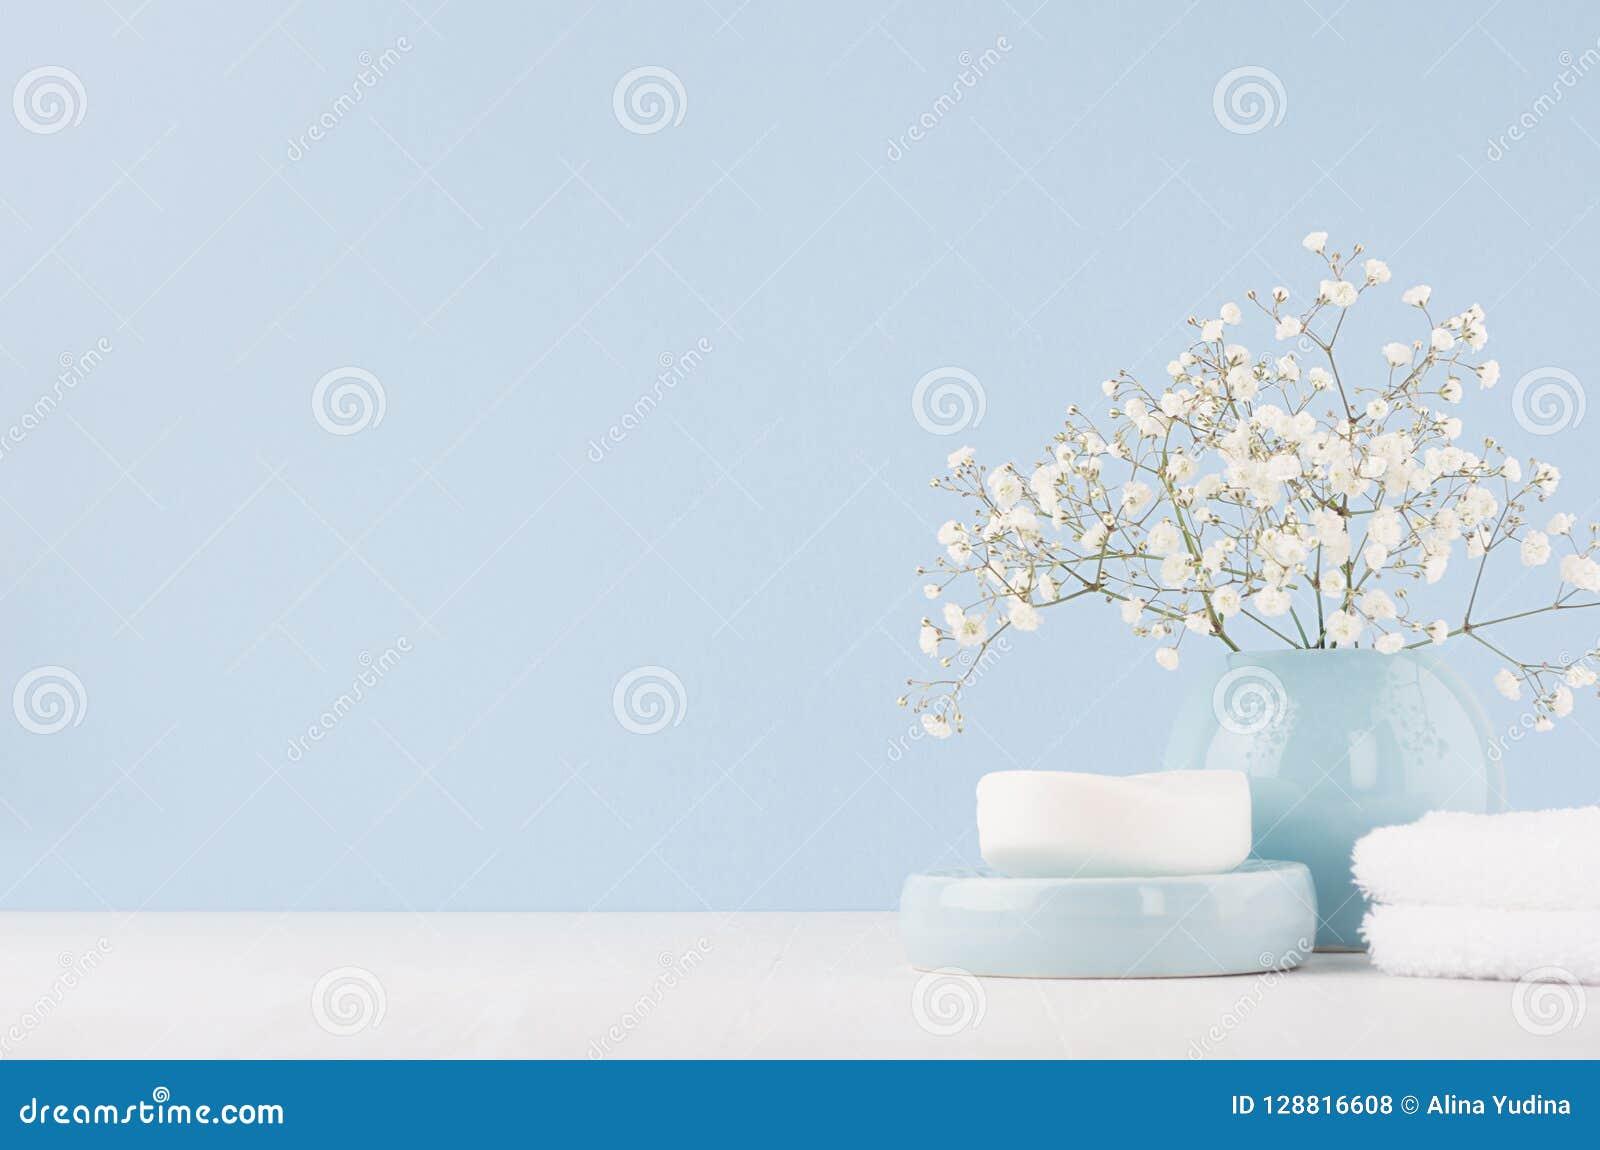 Elegante toebehoren voor toilettafel - zachte pastelkleur blauwe ceramische kommen, witte bloemen, producten voor huid en lichaam